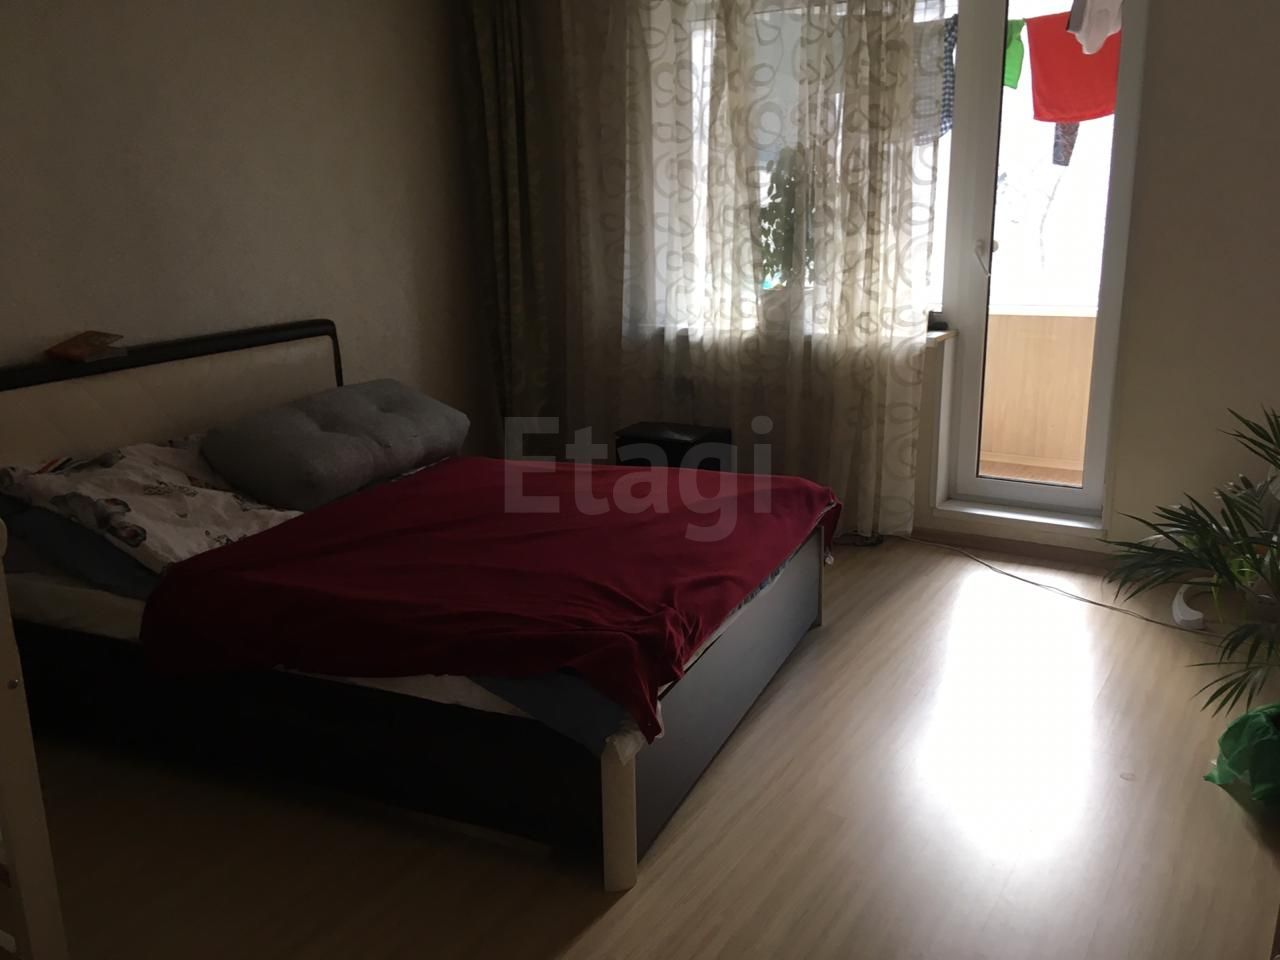 Продается четырехкомнатная квартира за 5 100 000 рублей. Железнодорожный, ул. ДОС, д. 67.